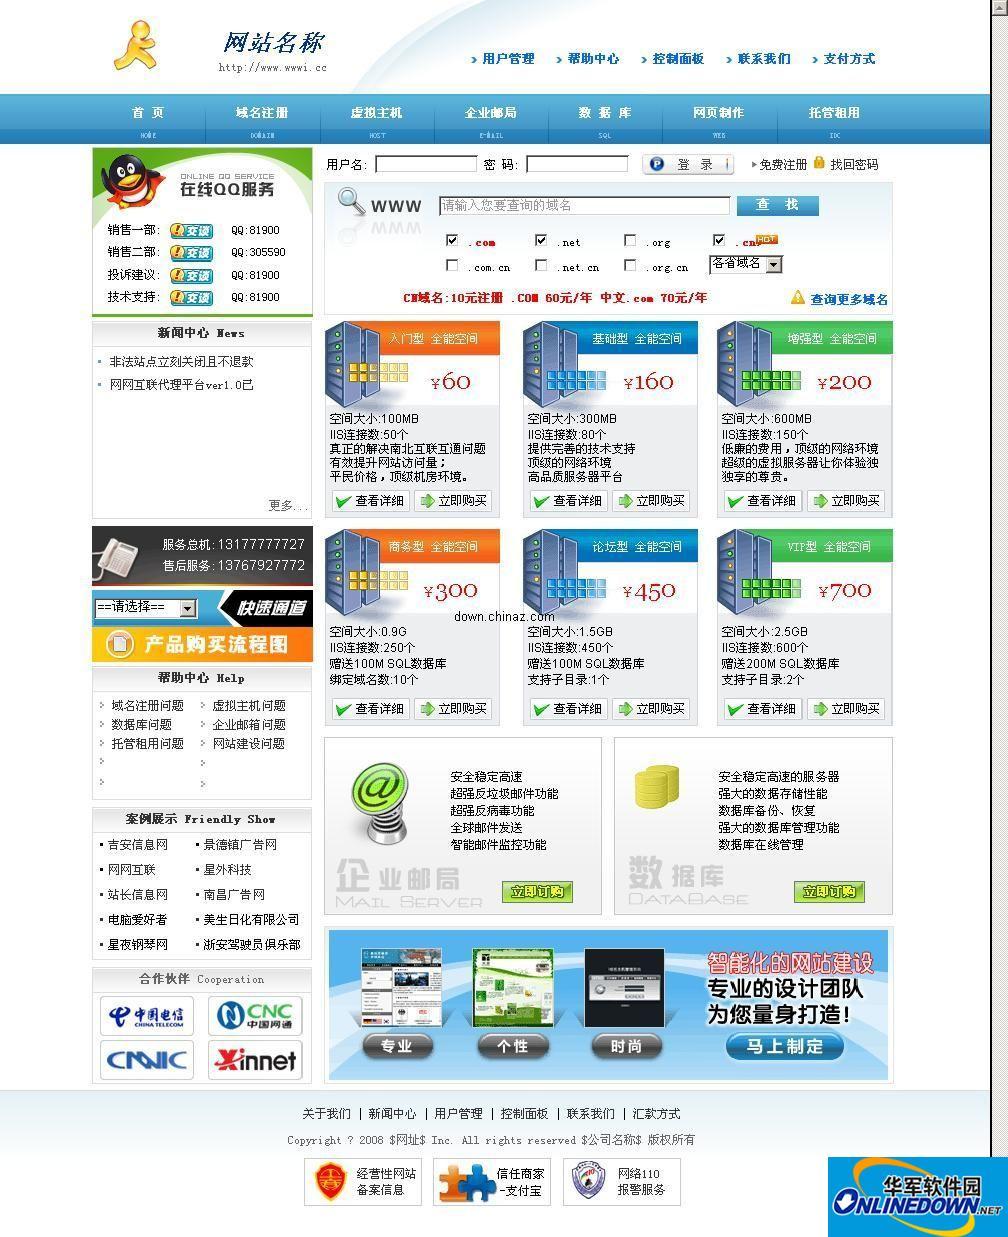 asp 域名虚拟主机管理系统